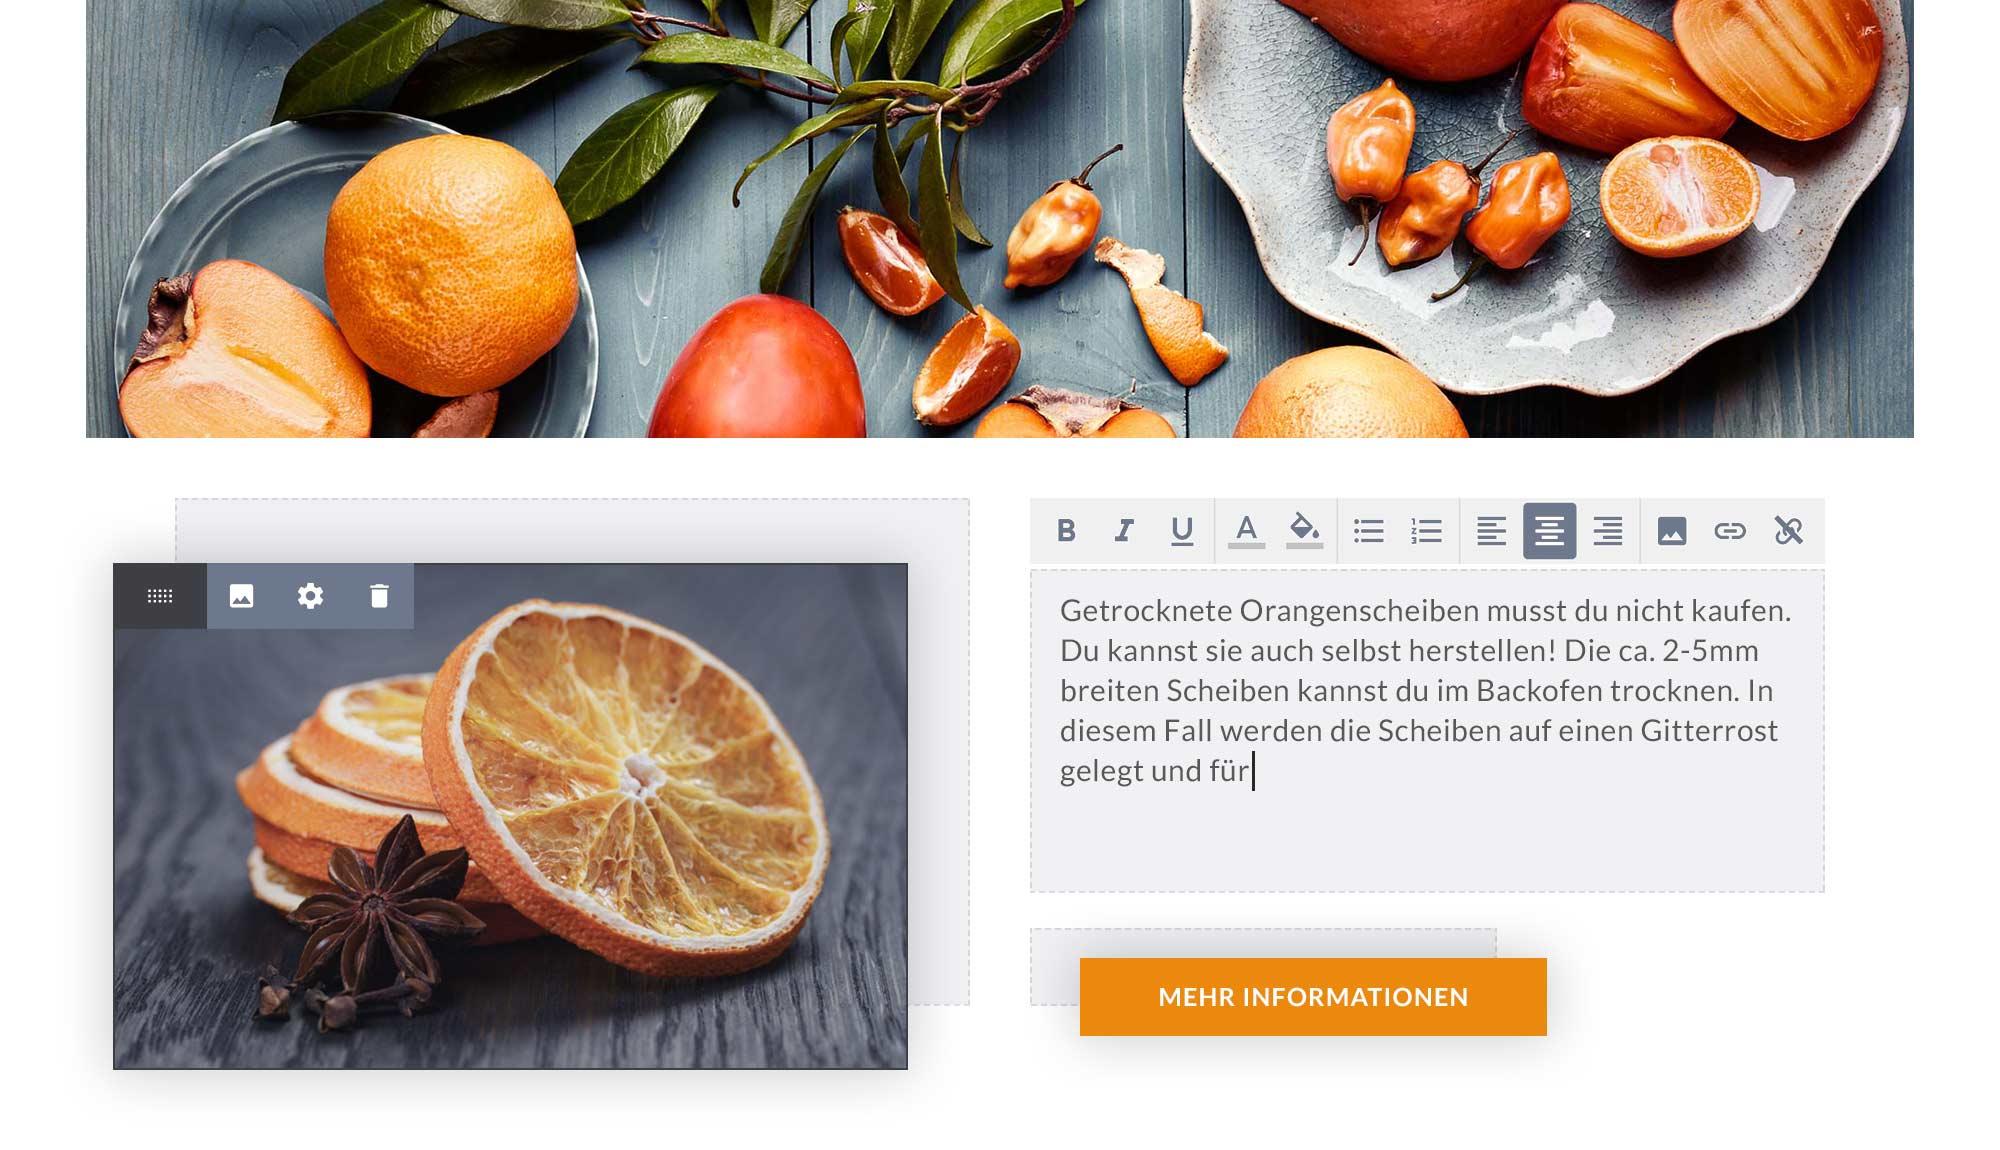 Bearbeitung von Bildern, Texten und Buttons im Designer Homepage-Baukasten.